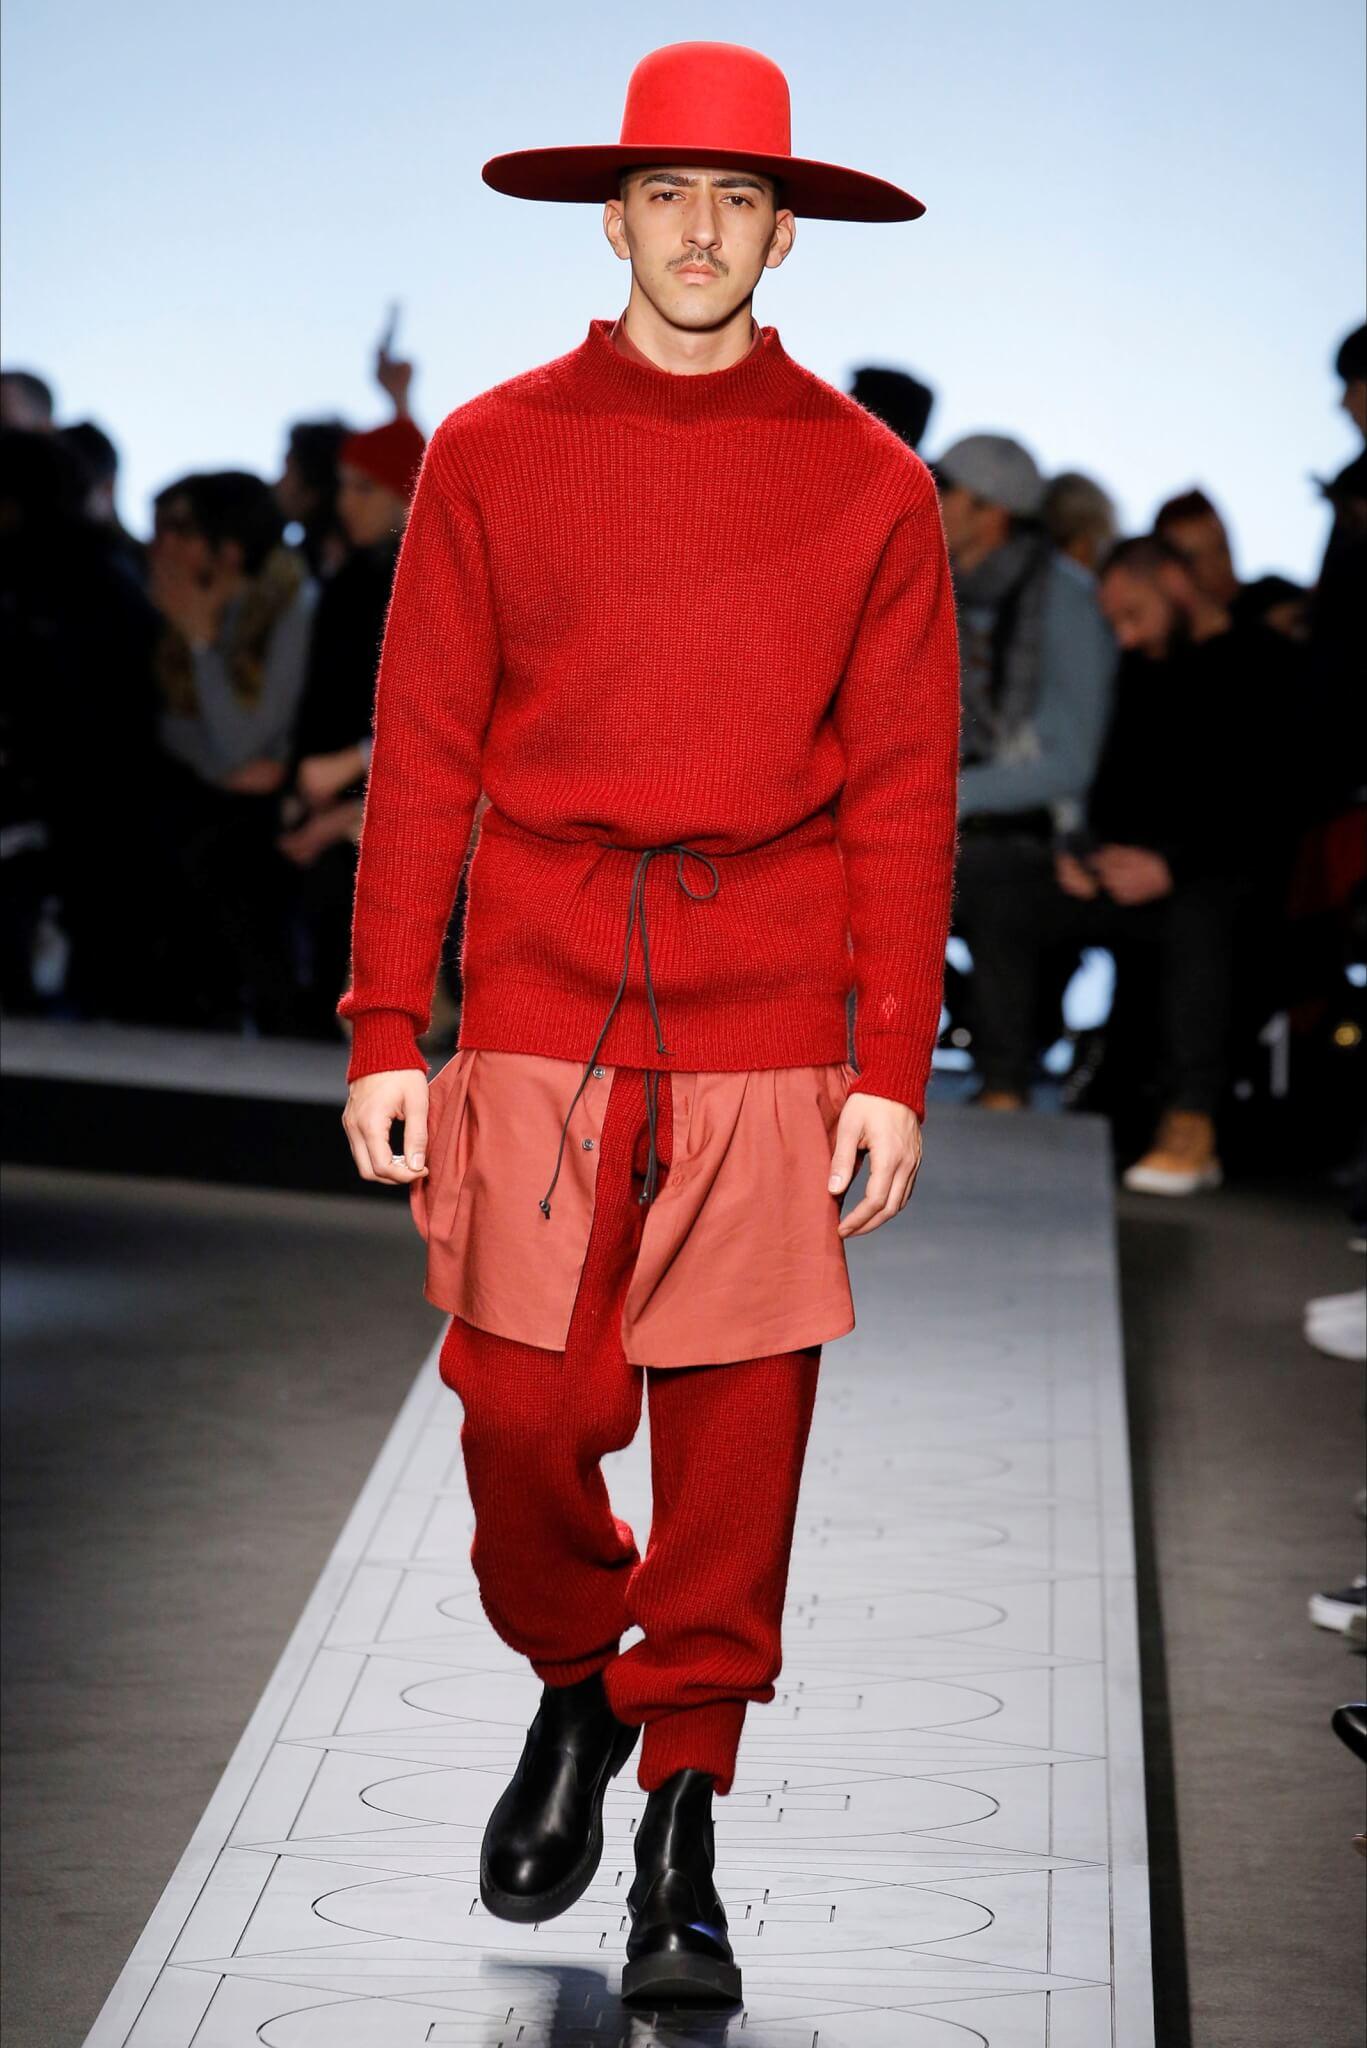 moda difficile maschile Il della re il da Rosso così portare nuovo 8X8Fq6gZ